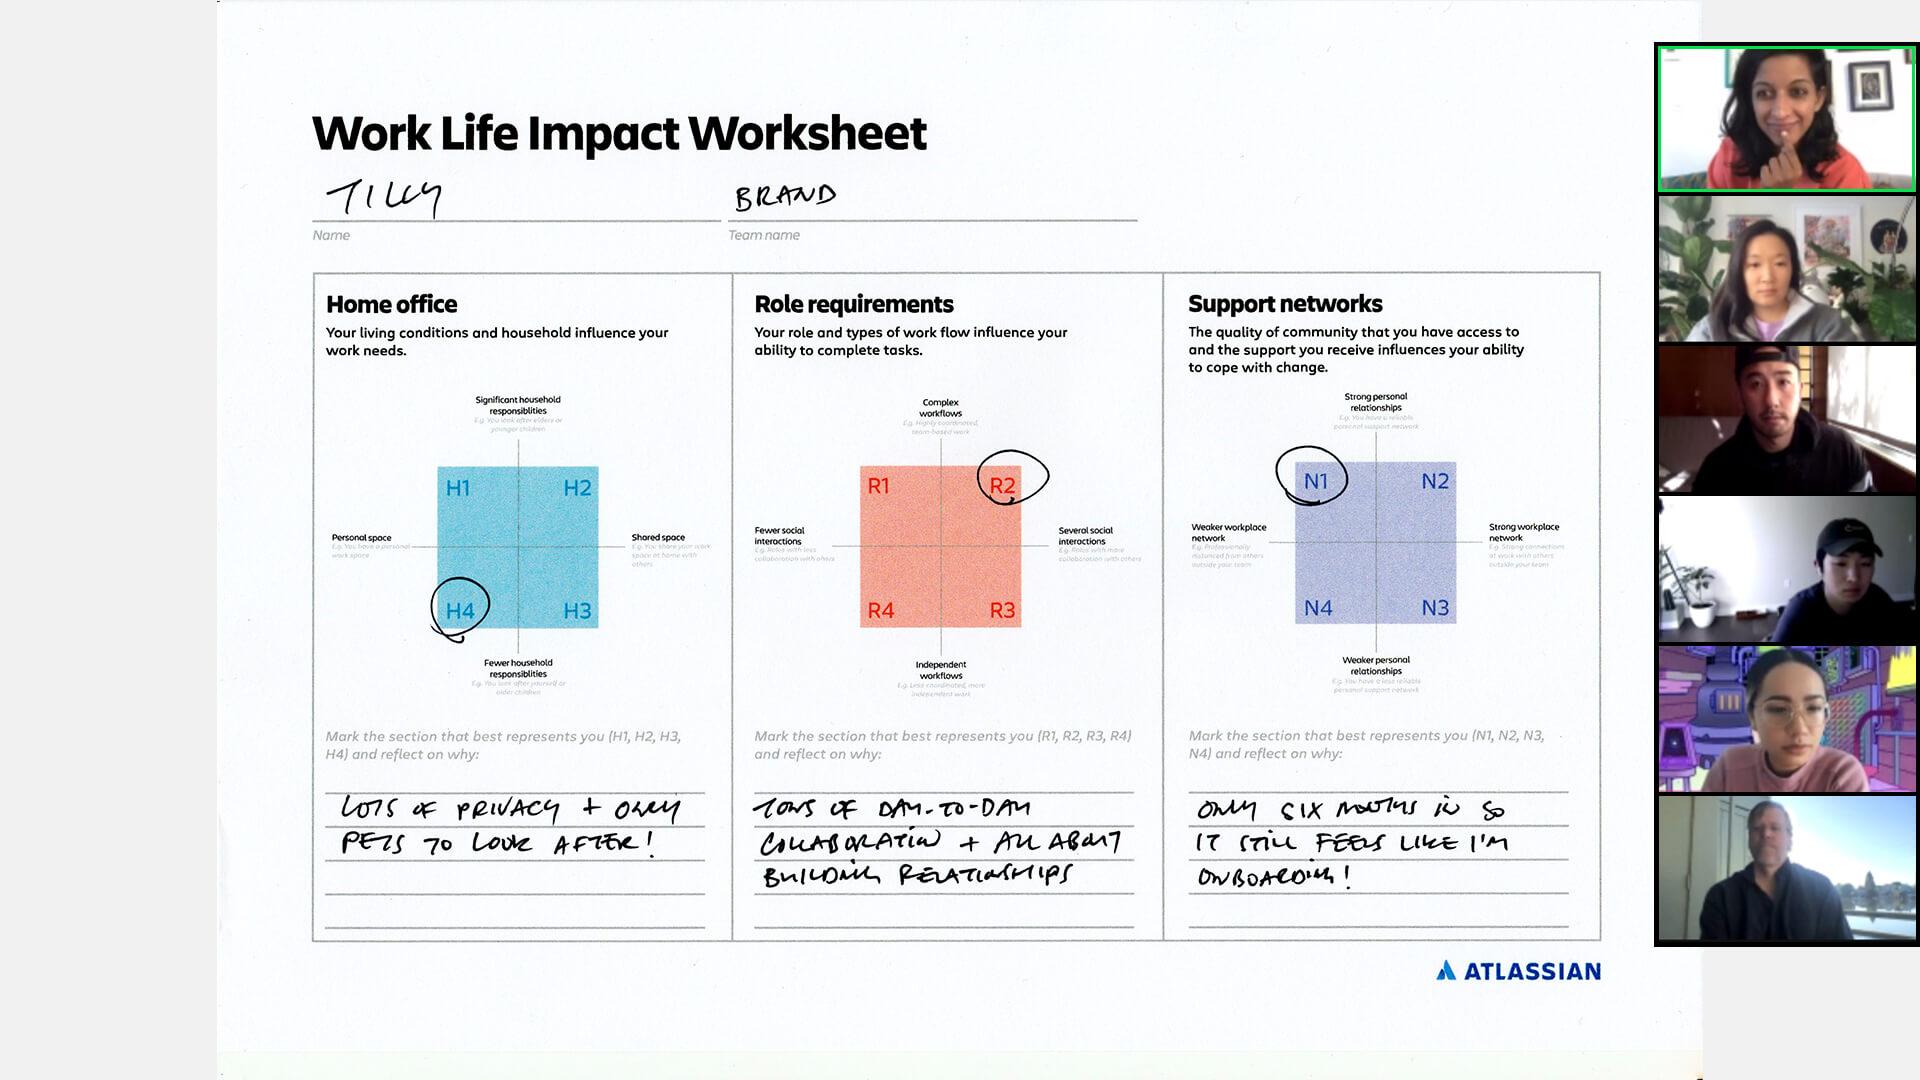 Membros da equipe discutindo a planilha do impacto do Work Life em videoconferência